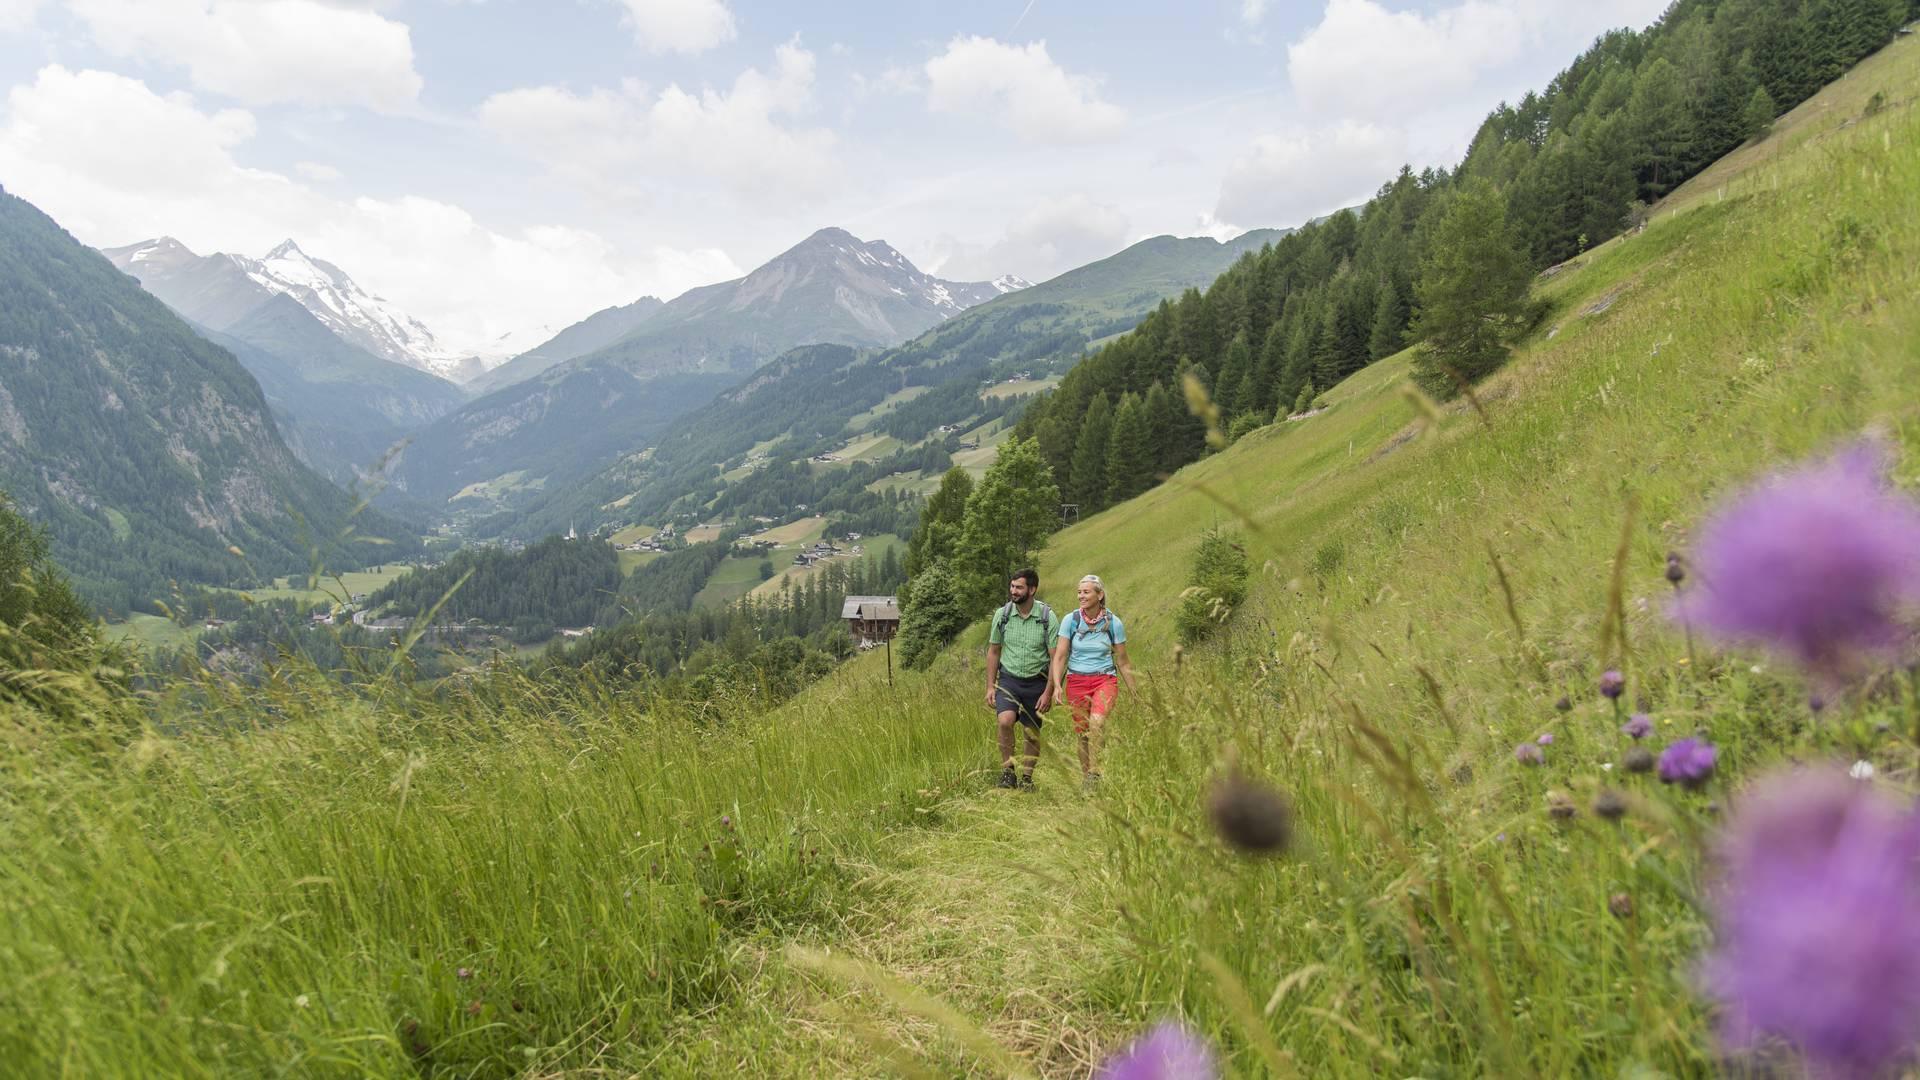 <p>Alpe Adria Trail, bei Schachern mit Blick auf den Glockner, bei Heiligenblut</p>